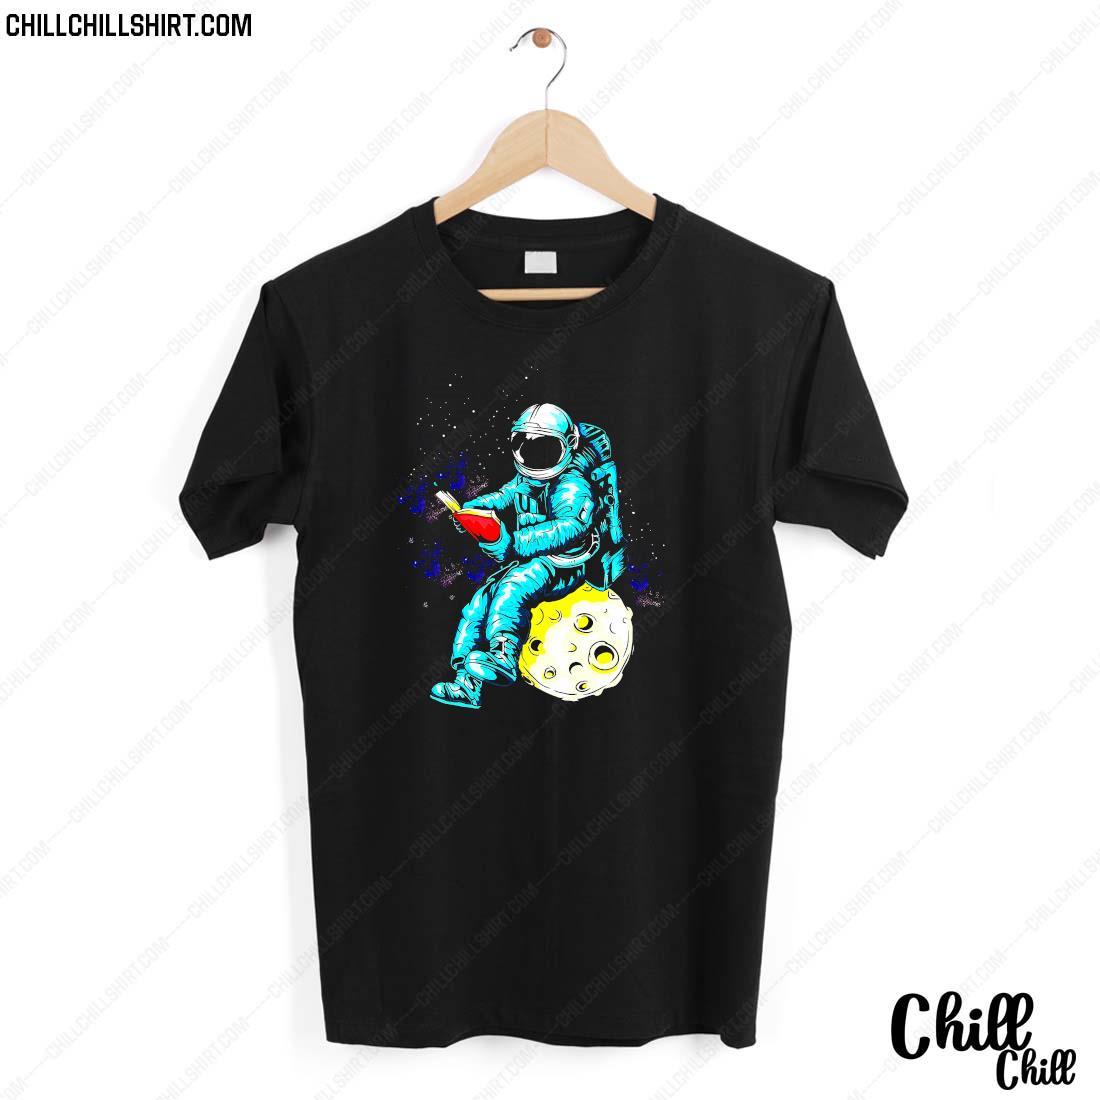 Librarian Astronaut Shirt